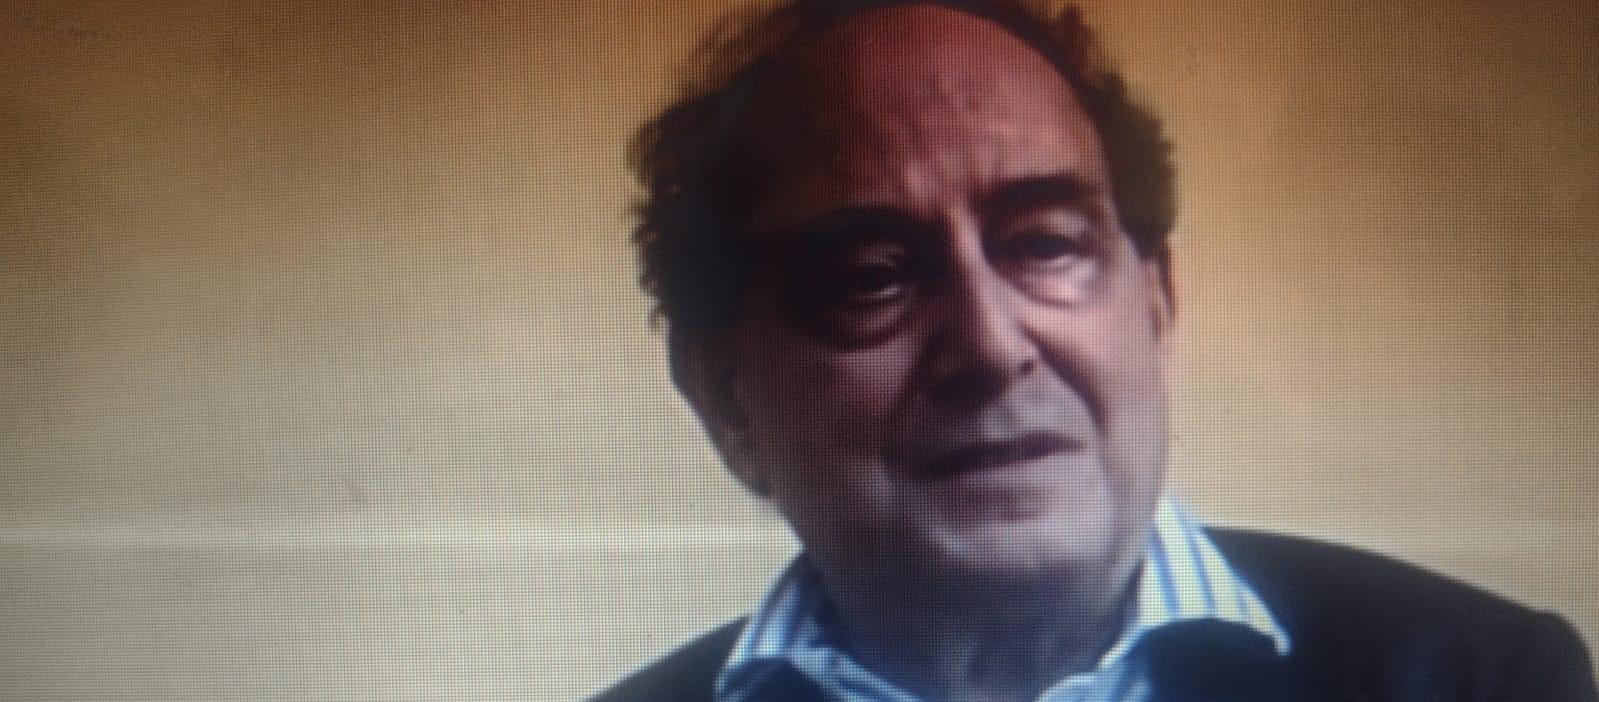 la foto a colori mostra lo scrittore Roberto Calasso a mezzobusto che indossa una giacca e gilet blu e camicia bianca a righe blu